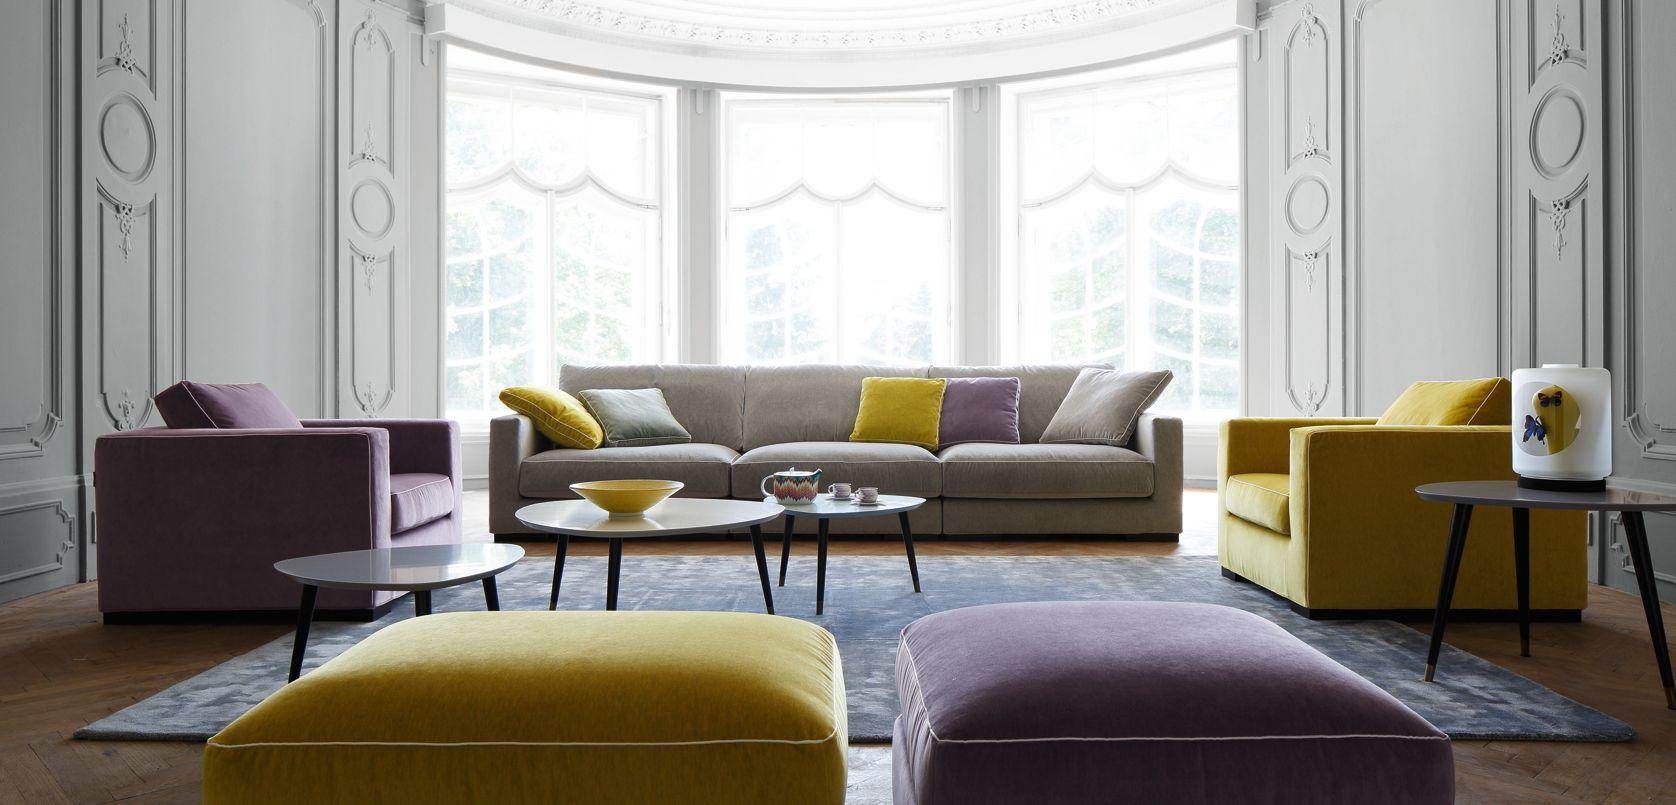 long island 2 composizione dritta collezione nouveaux. Black Bedroom Furniture Sets. Home Design Ideas